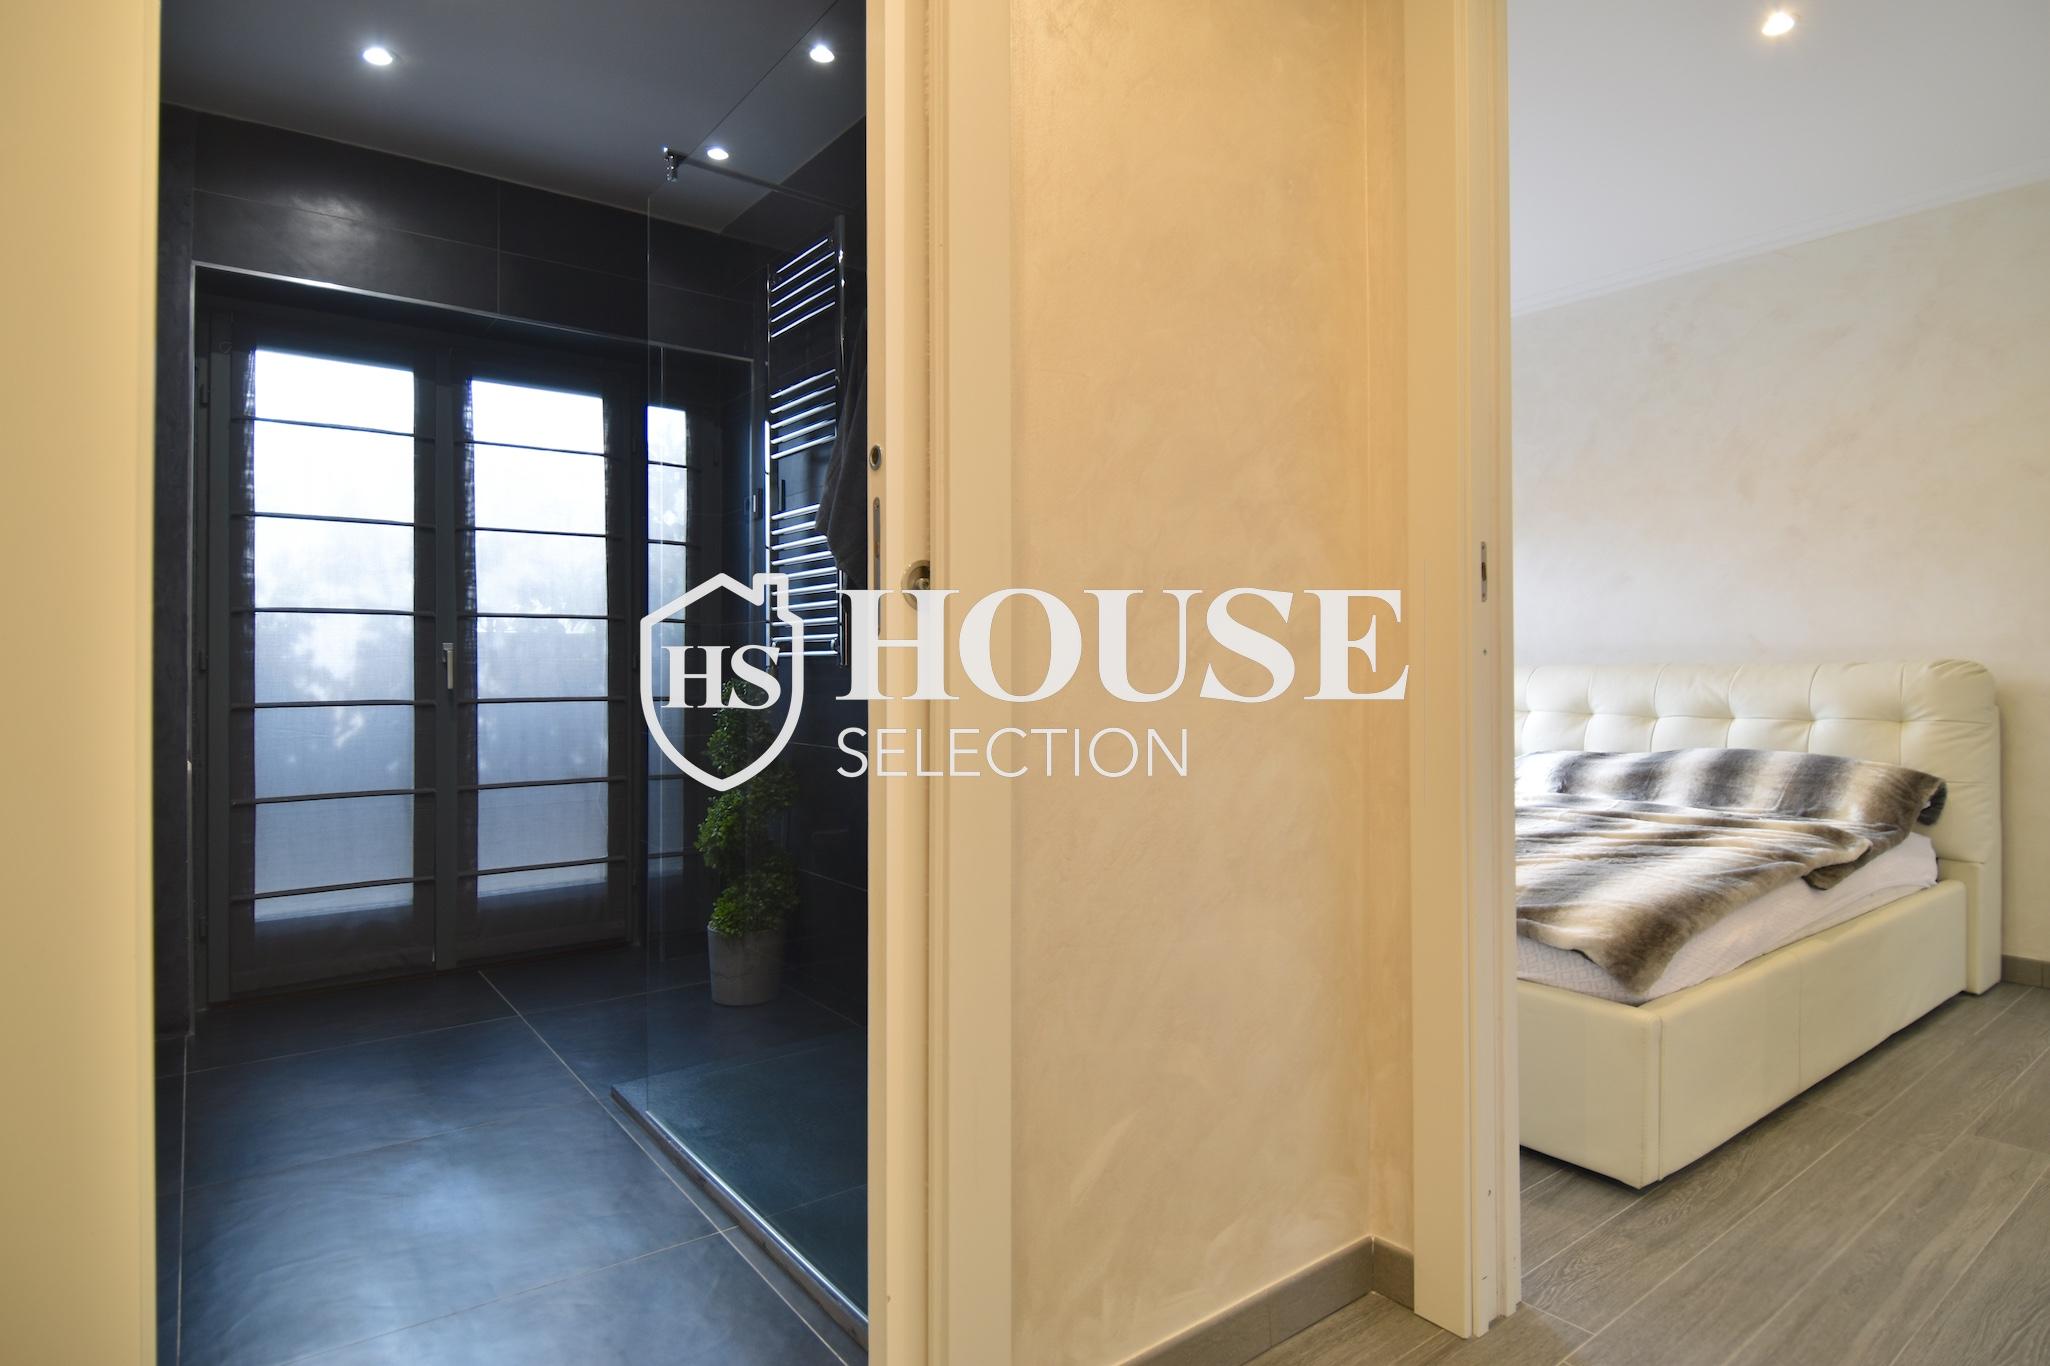 Vendita attico con terrazzo piazza Caiazzo, mm, ultimo piano, nuova realizzazione, palazzo epoca, ascensore, Milano 6